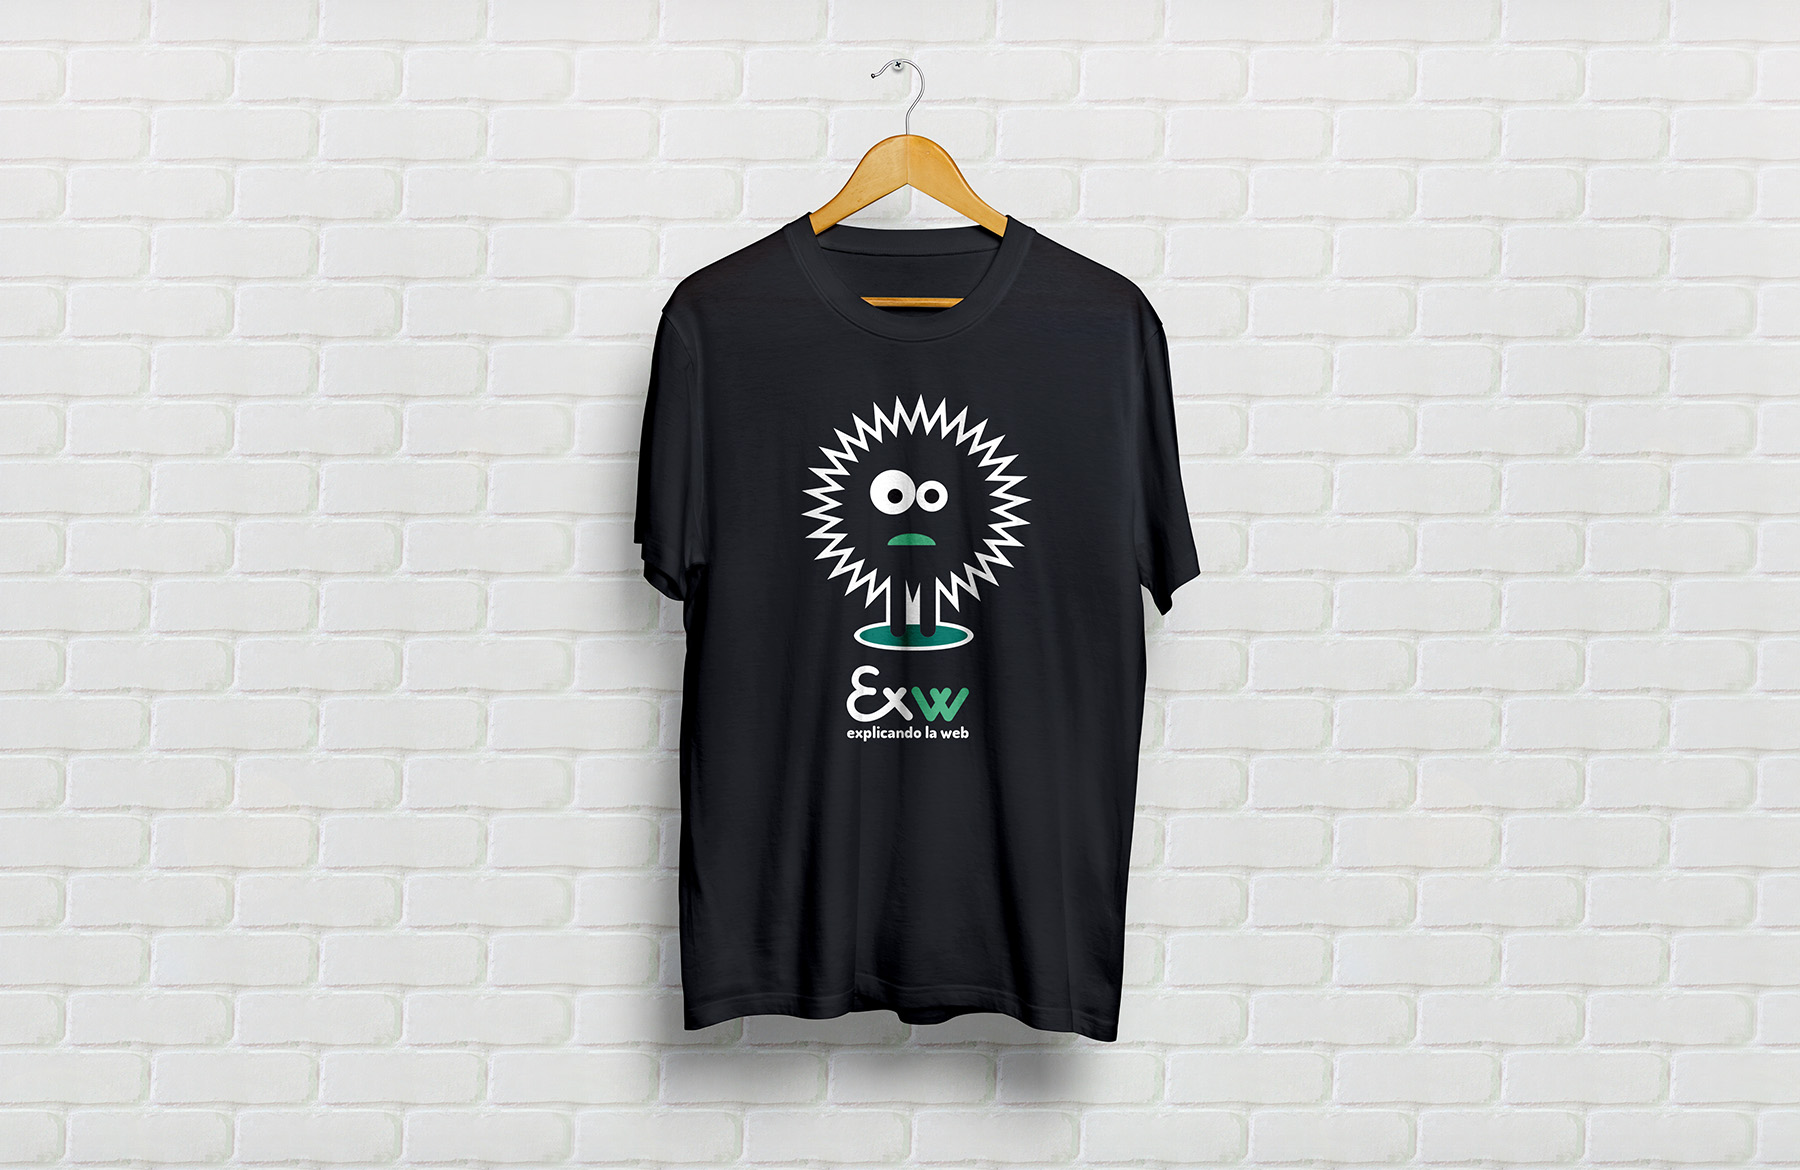 Exw_05